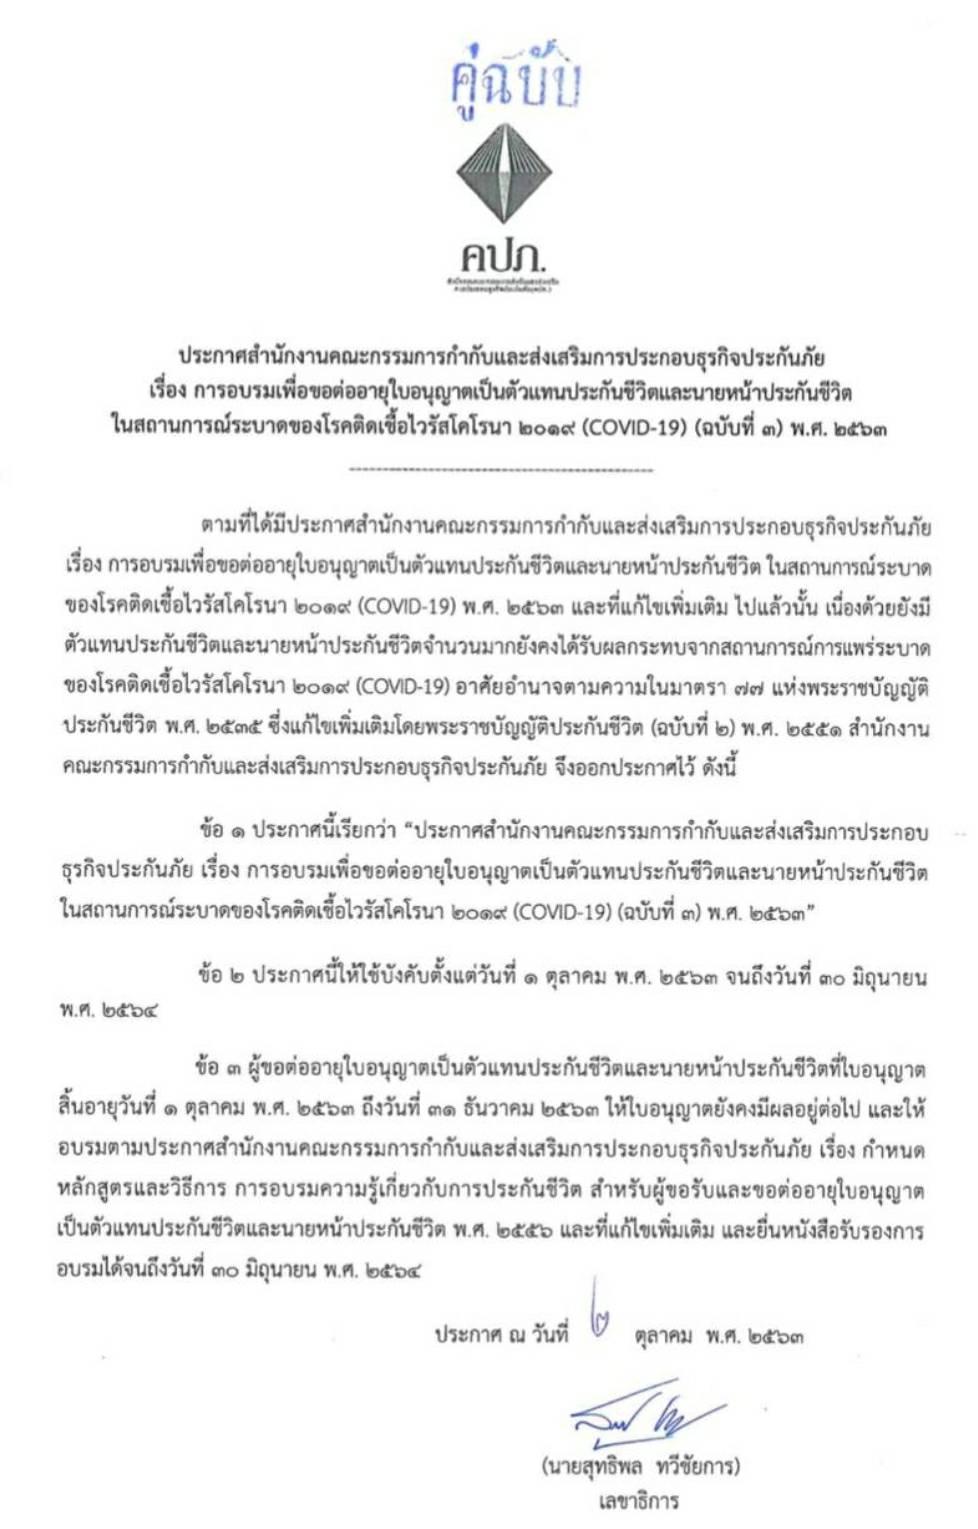 ประกาศจากสำนักงาน คปภ. เรื่อง การขยายการต่ออายุใบอนุญาตฯ ฉบับที่ 3 พ.ศ.2563 2